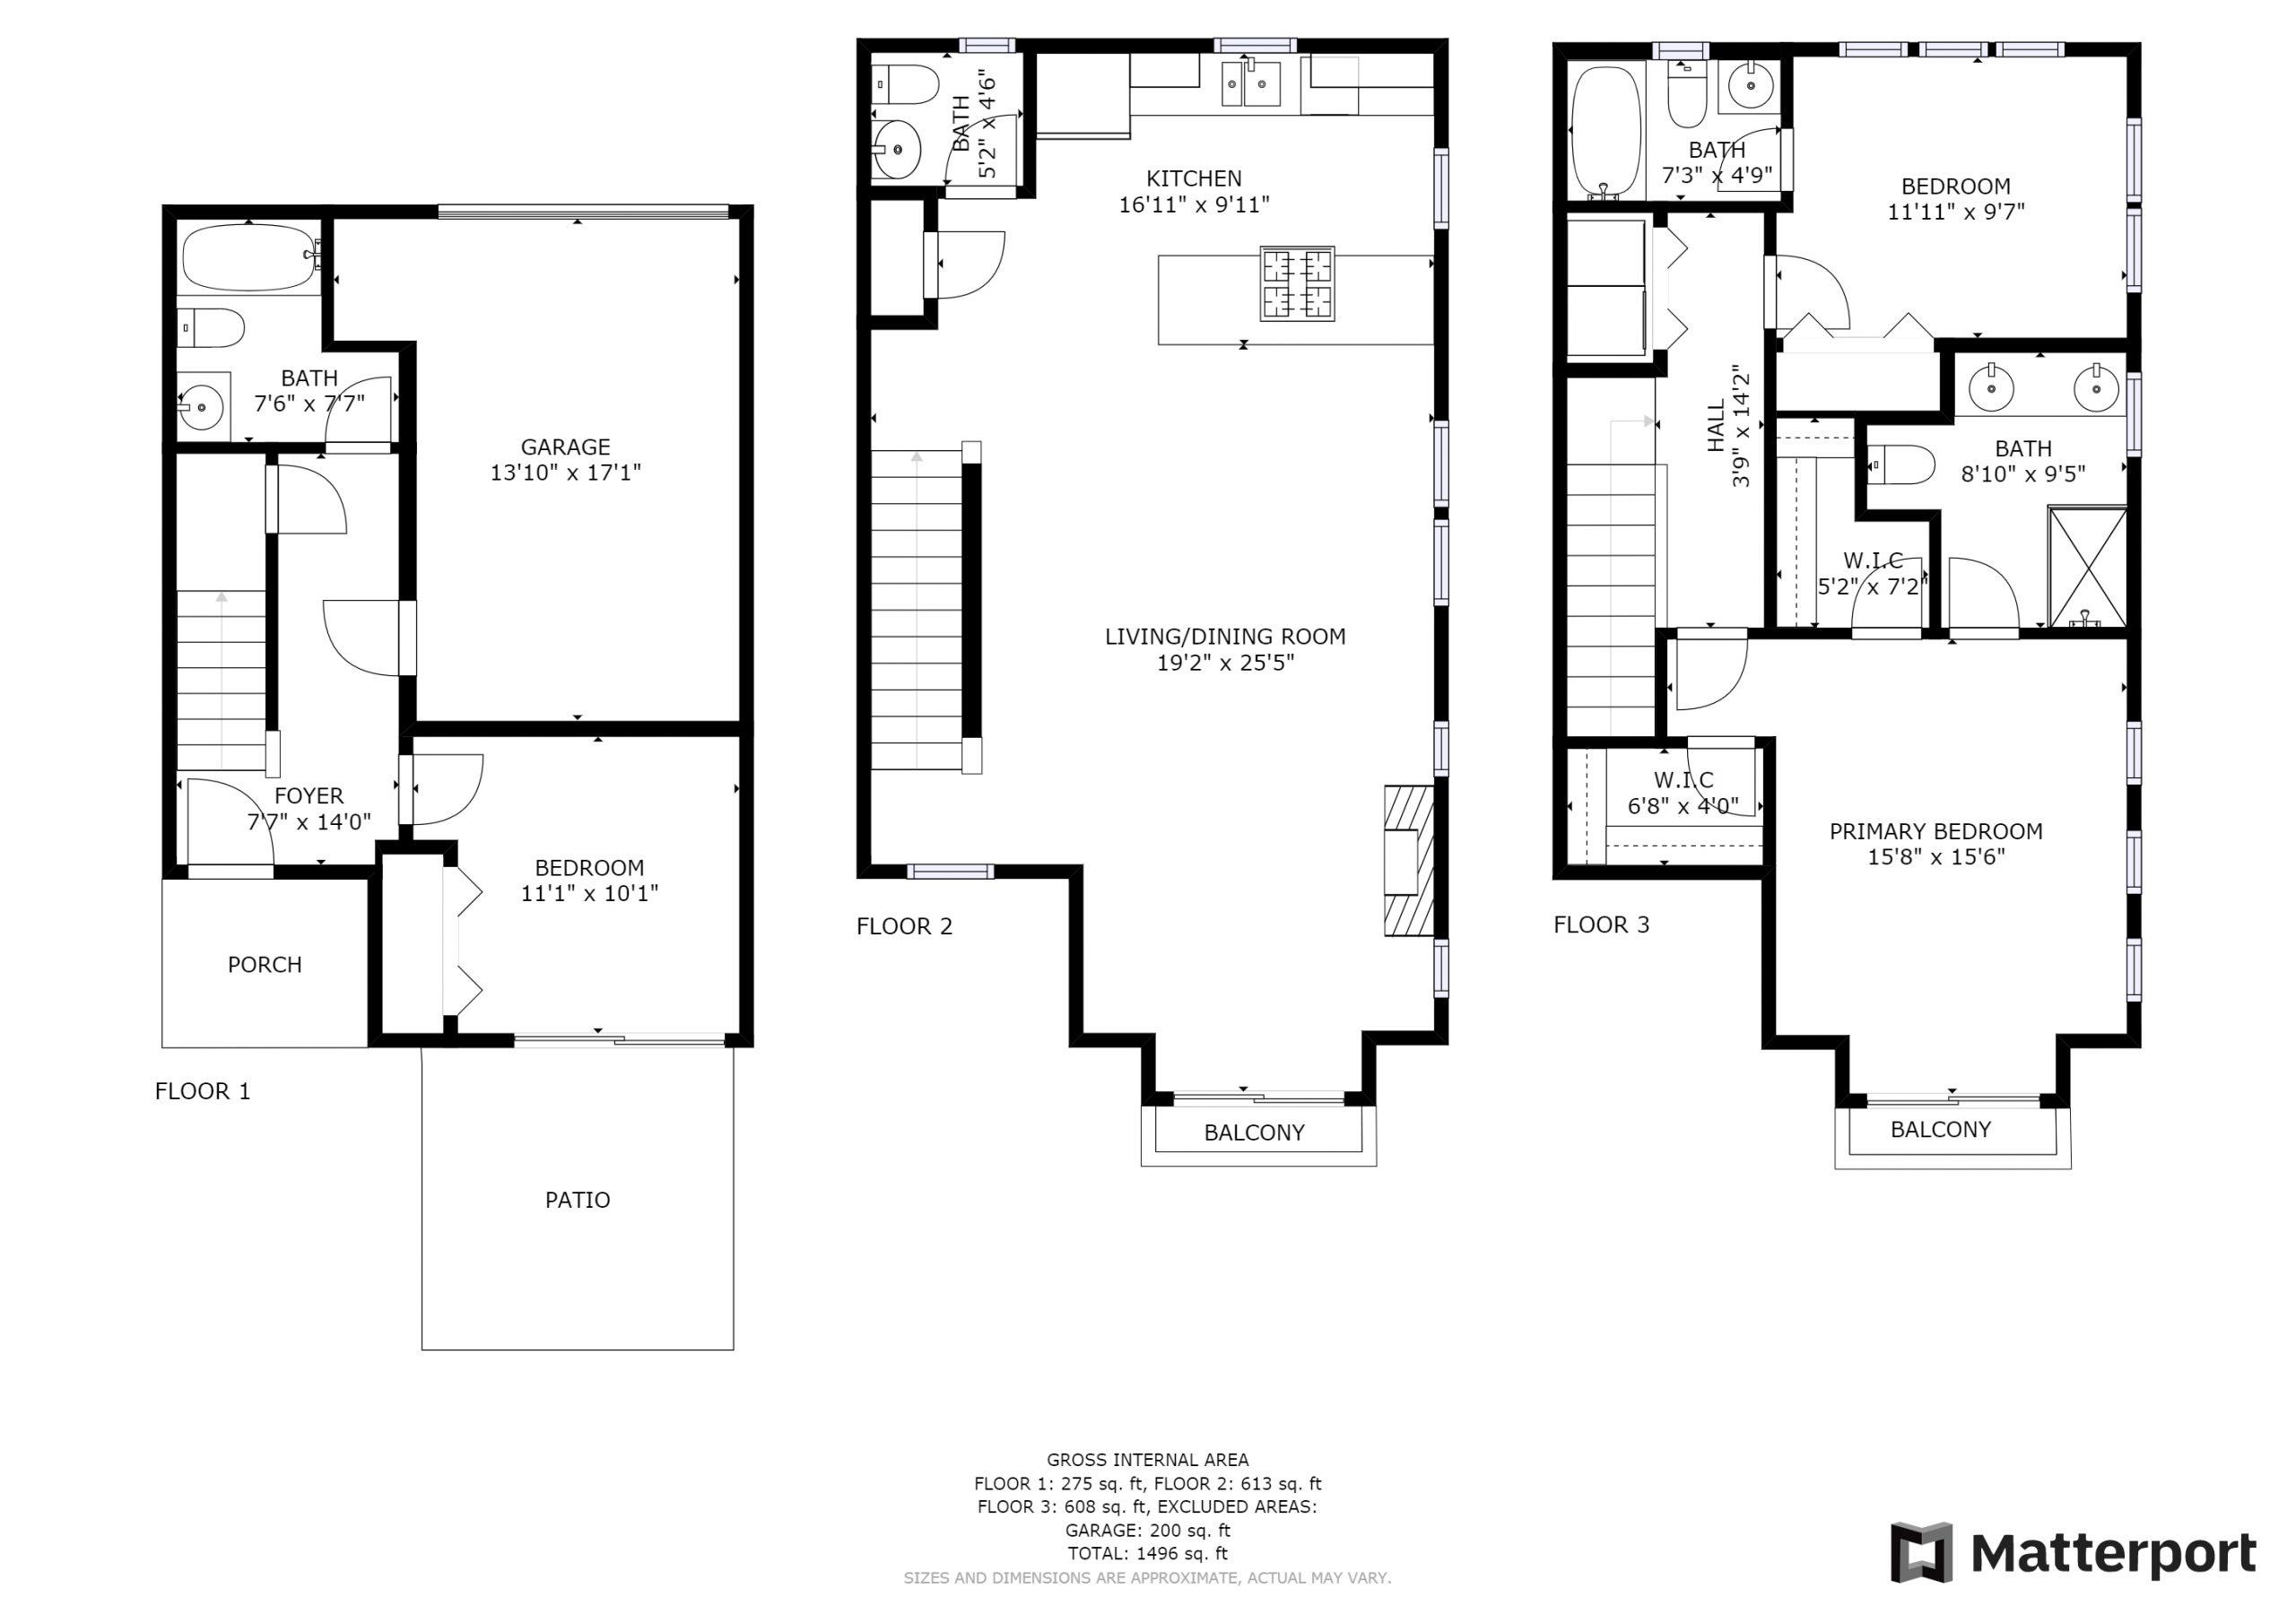 Floorplans - All On 1 Page